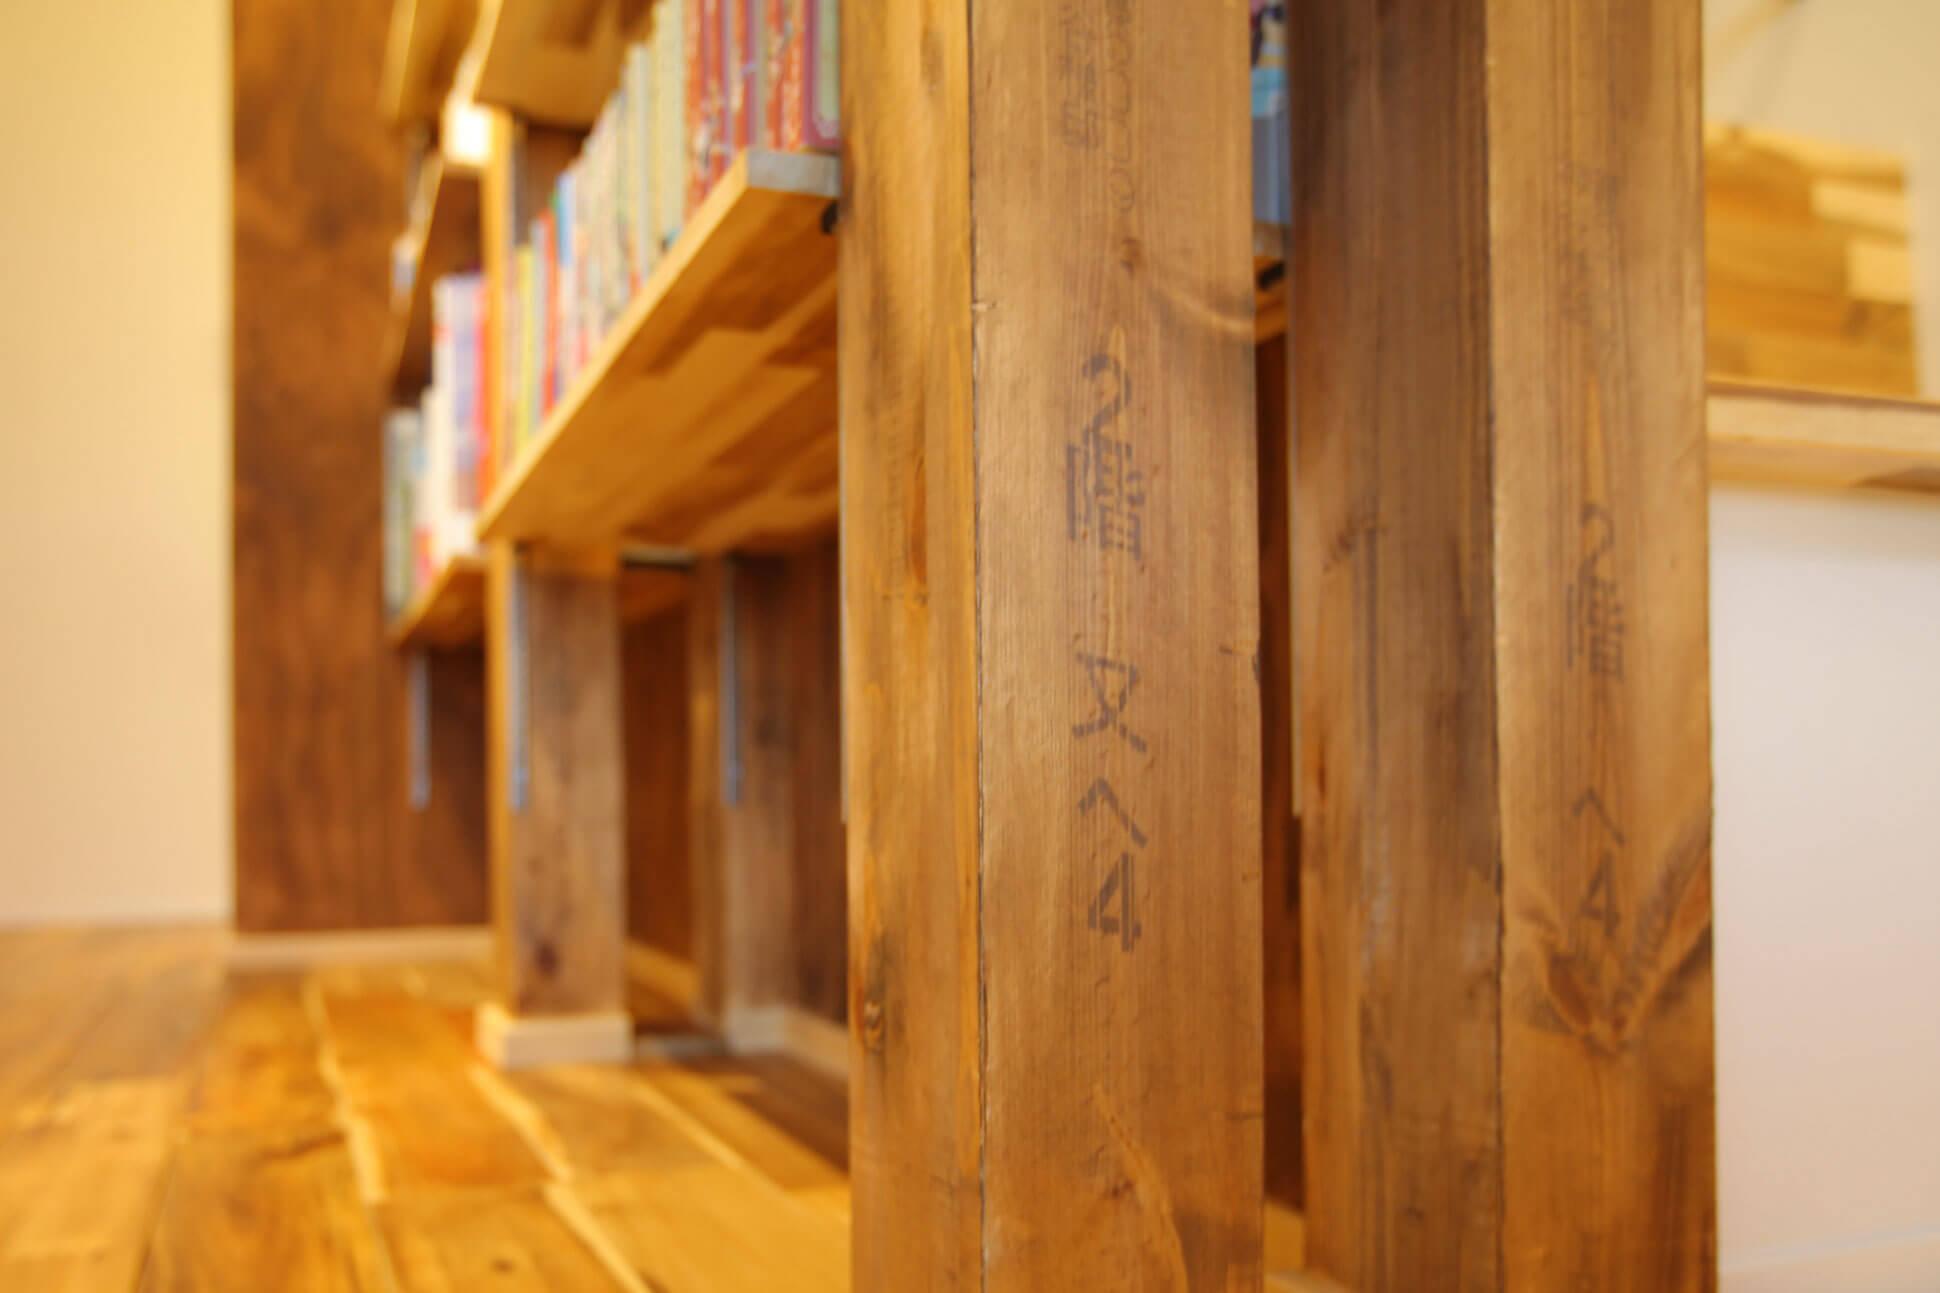 番付振りの書かれた木材 房総イズム